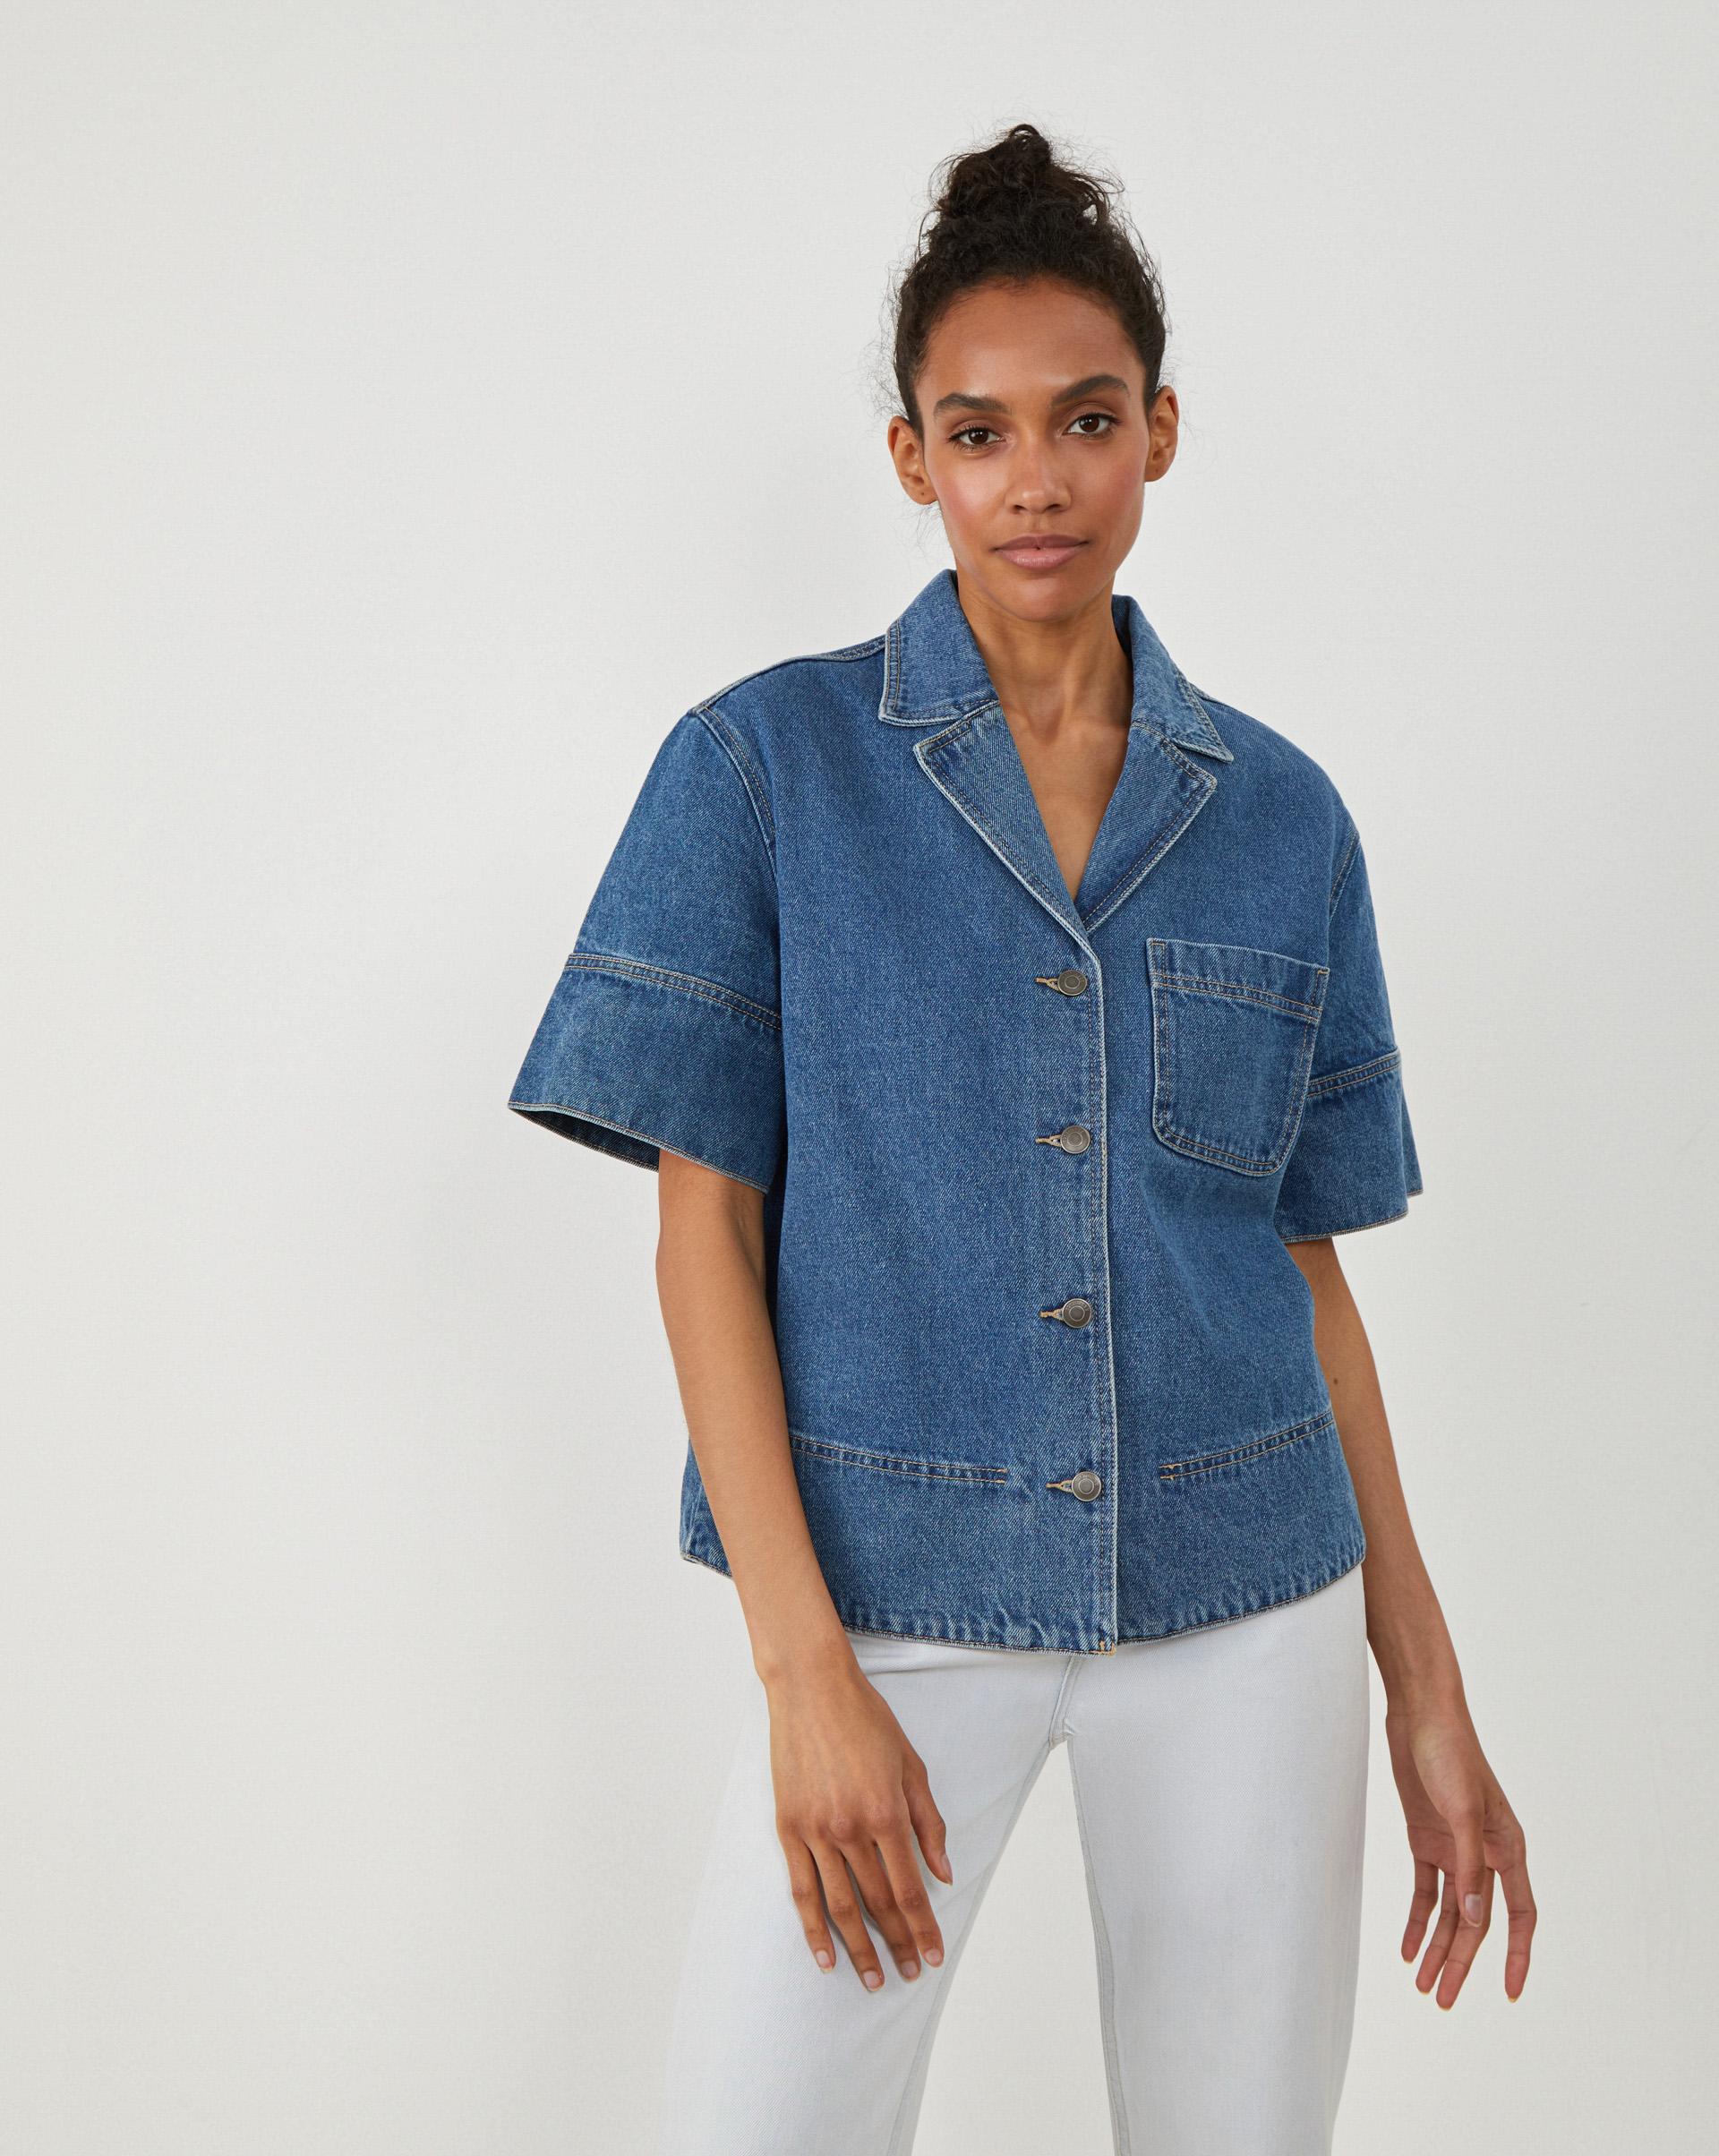 Рубашка из денима, с коротким рукавом XS фото